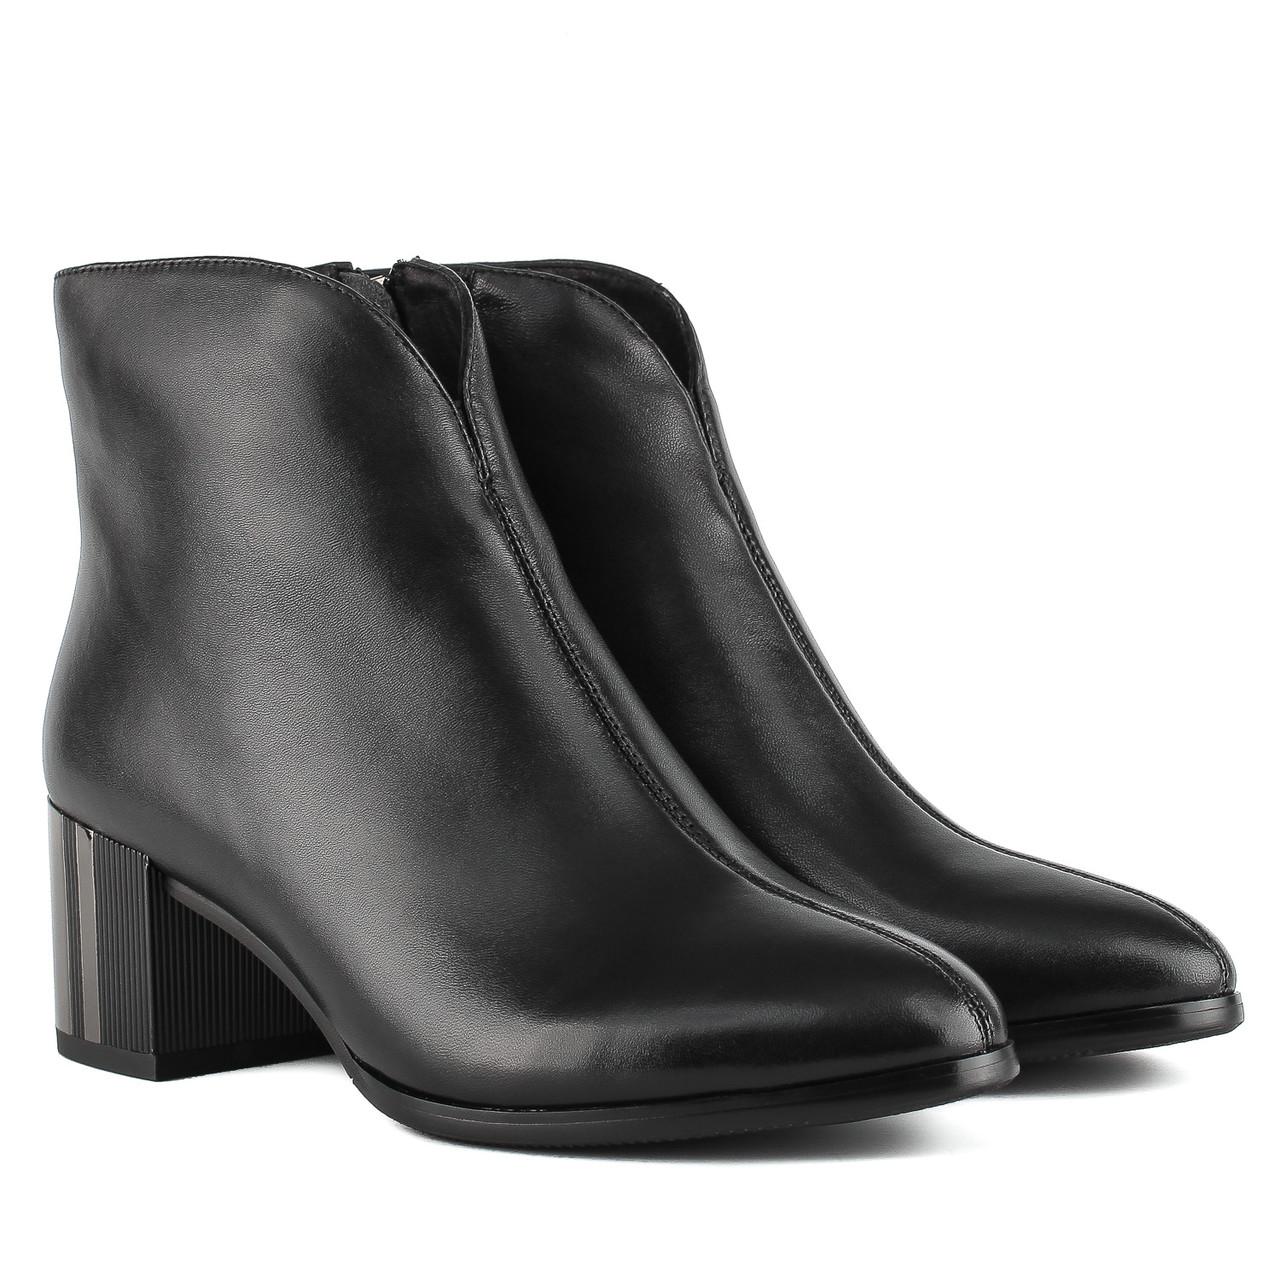 Ботильоны женские My Classic (кожаные, элегантные, стильные, качественные)